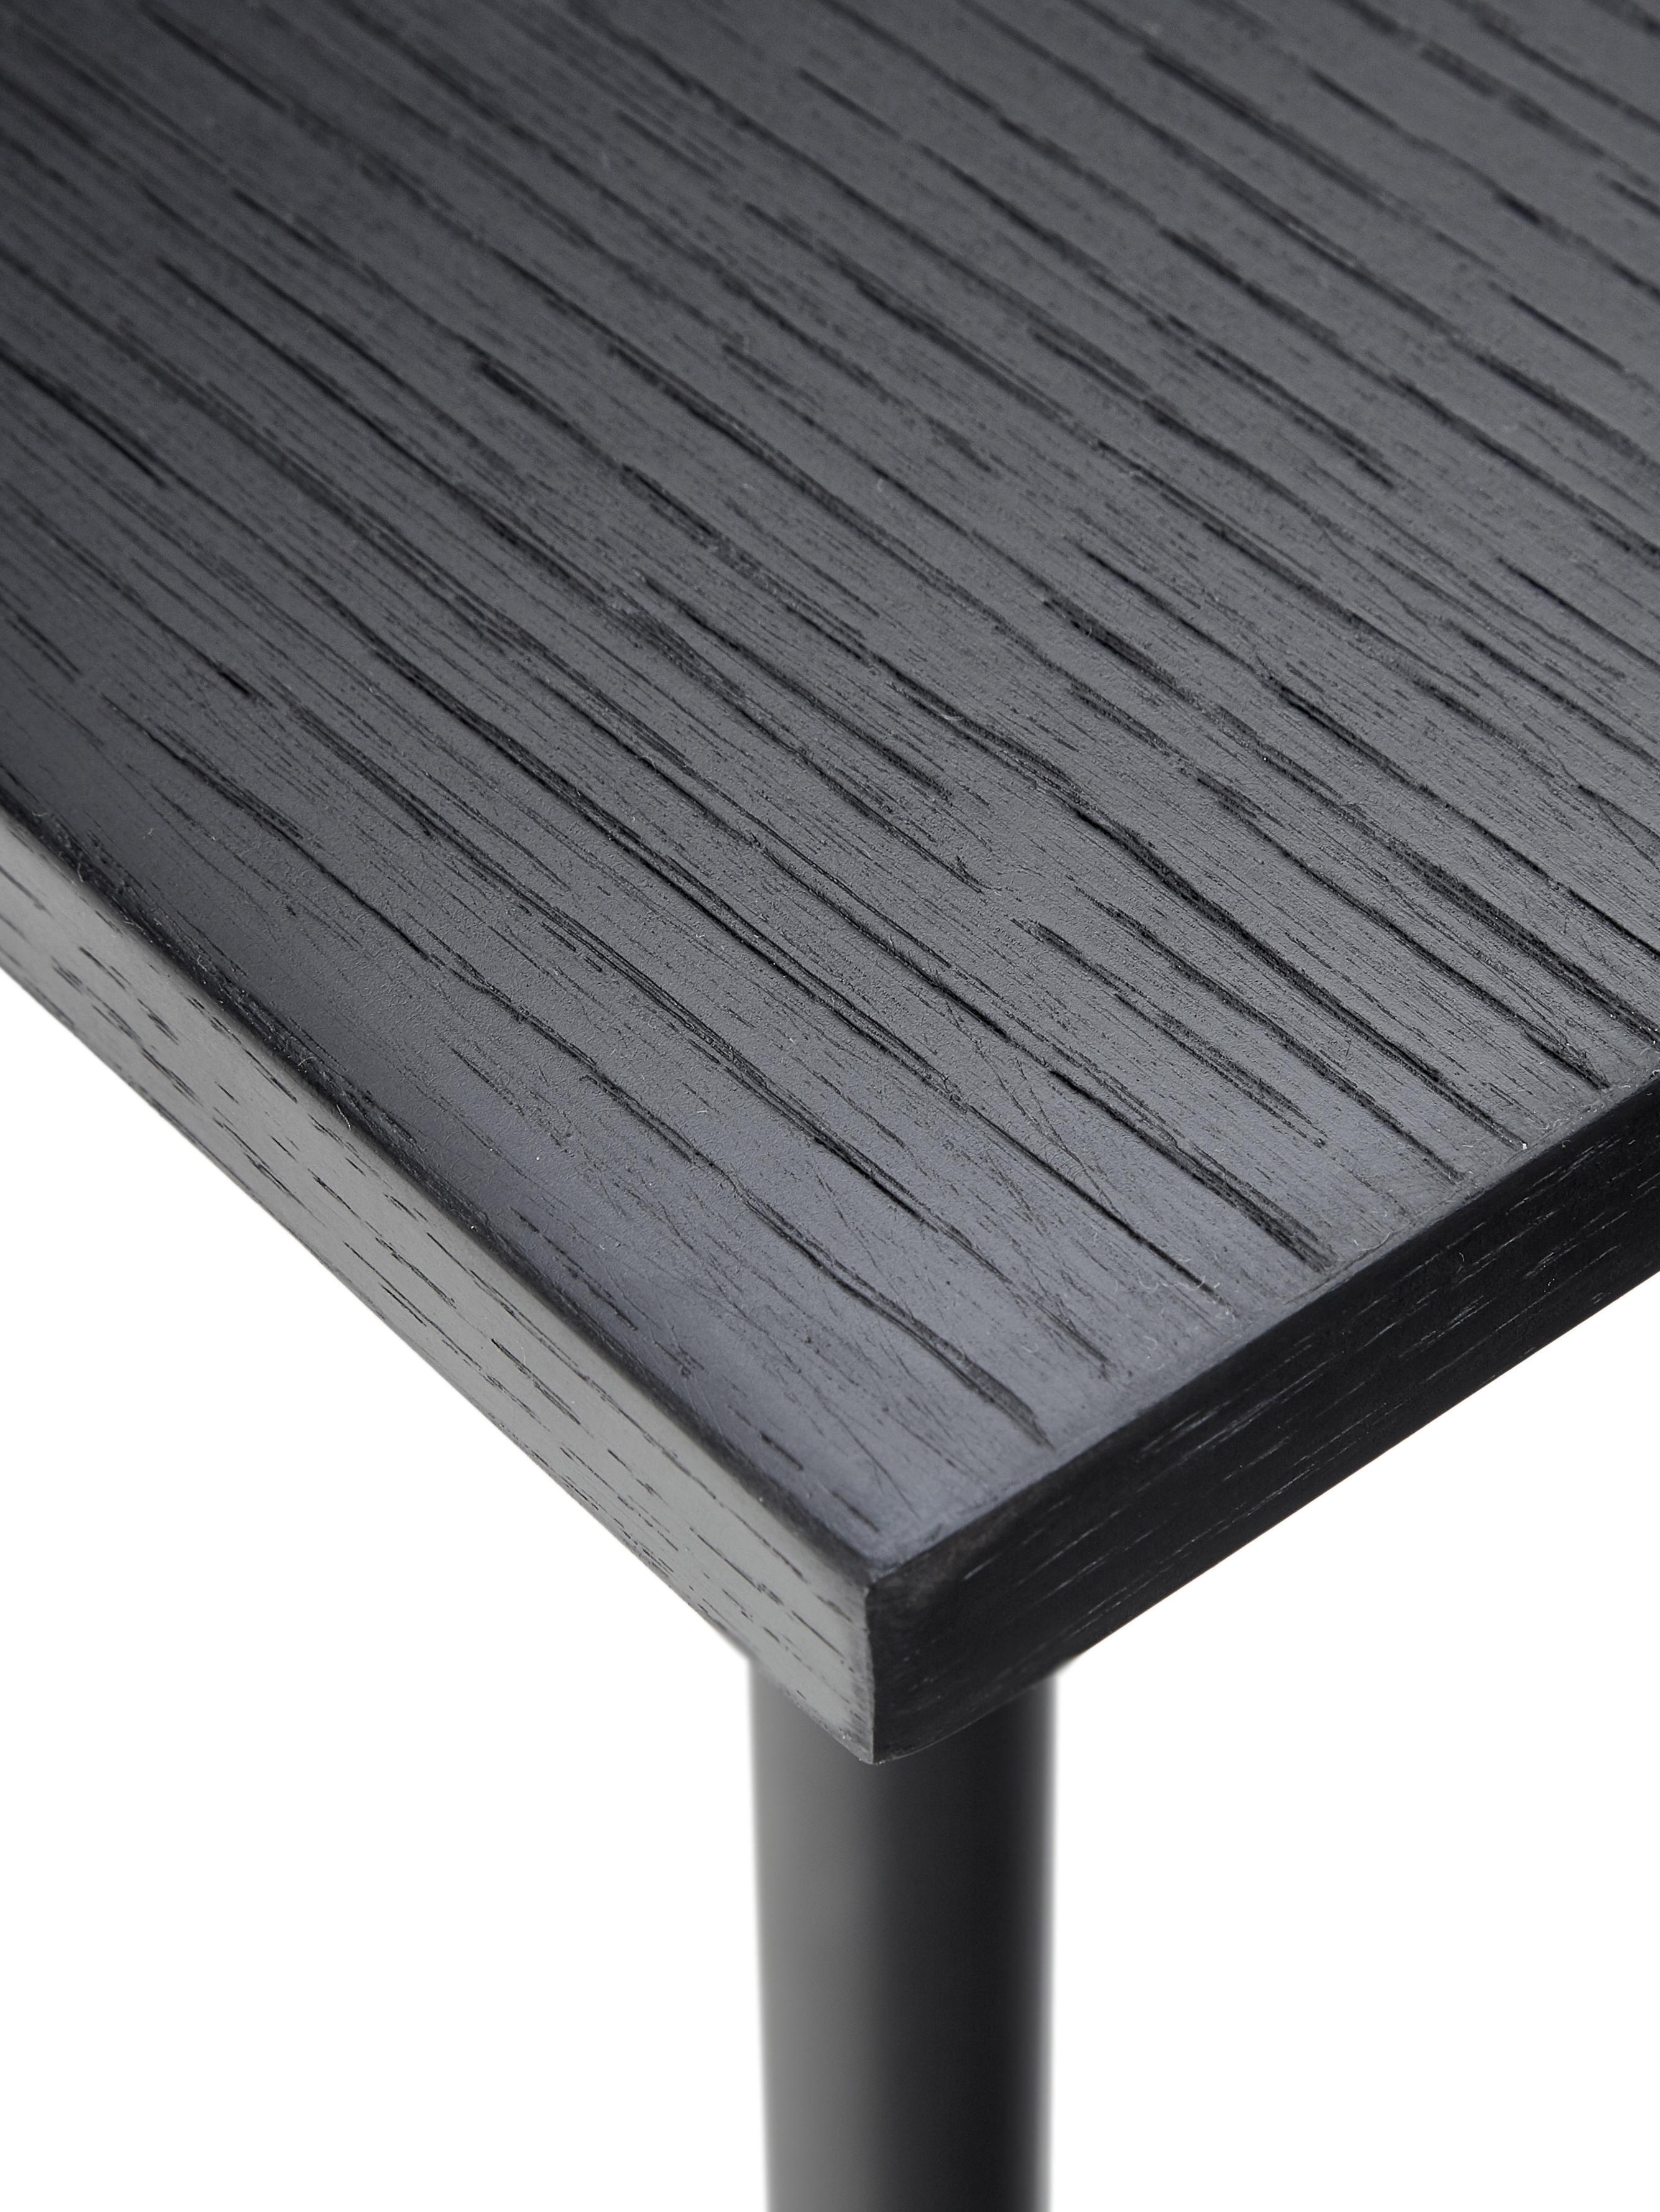 Tavolo in legno con struttura in metallo Jette, Piano d'appoggio: impiallacciato rovere ver, Gambe: metallo verniciato a polv, Nero, Larg. 160 x Prof. 80 cm